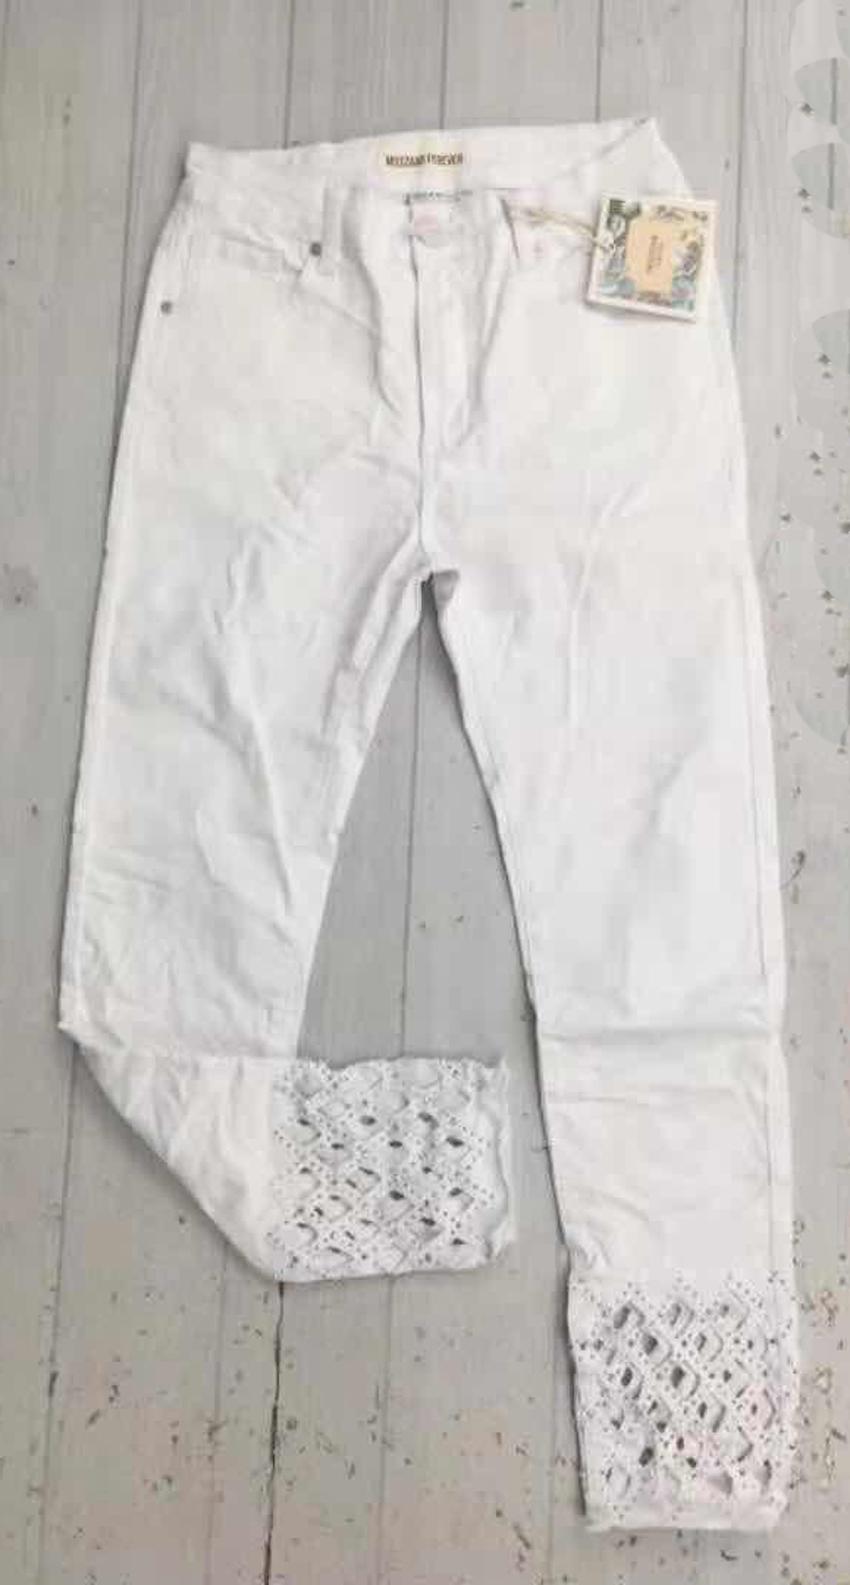 Jeans Damen 5 Pocket Style Ausbrenner und Stickerei Details von Mozzaar